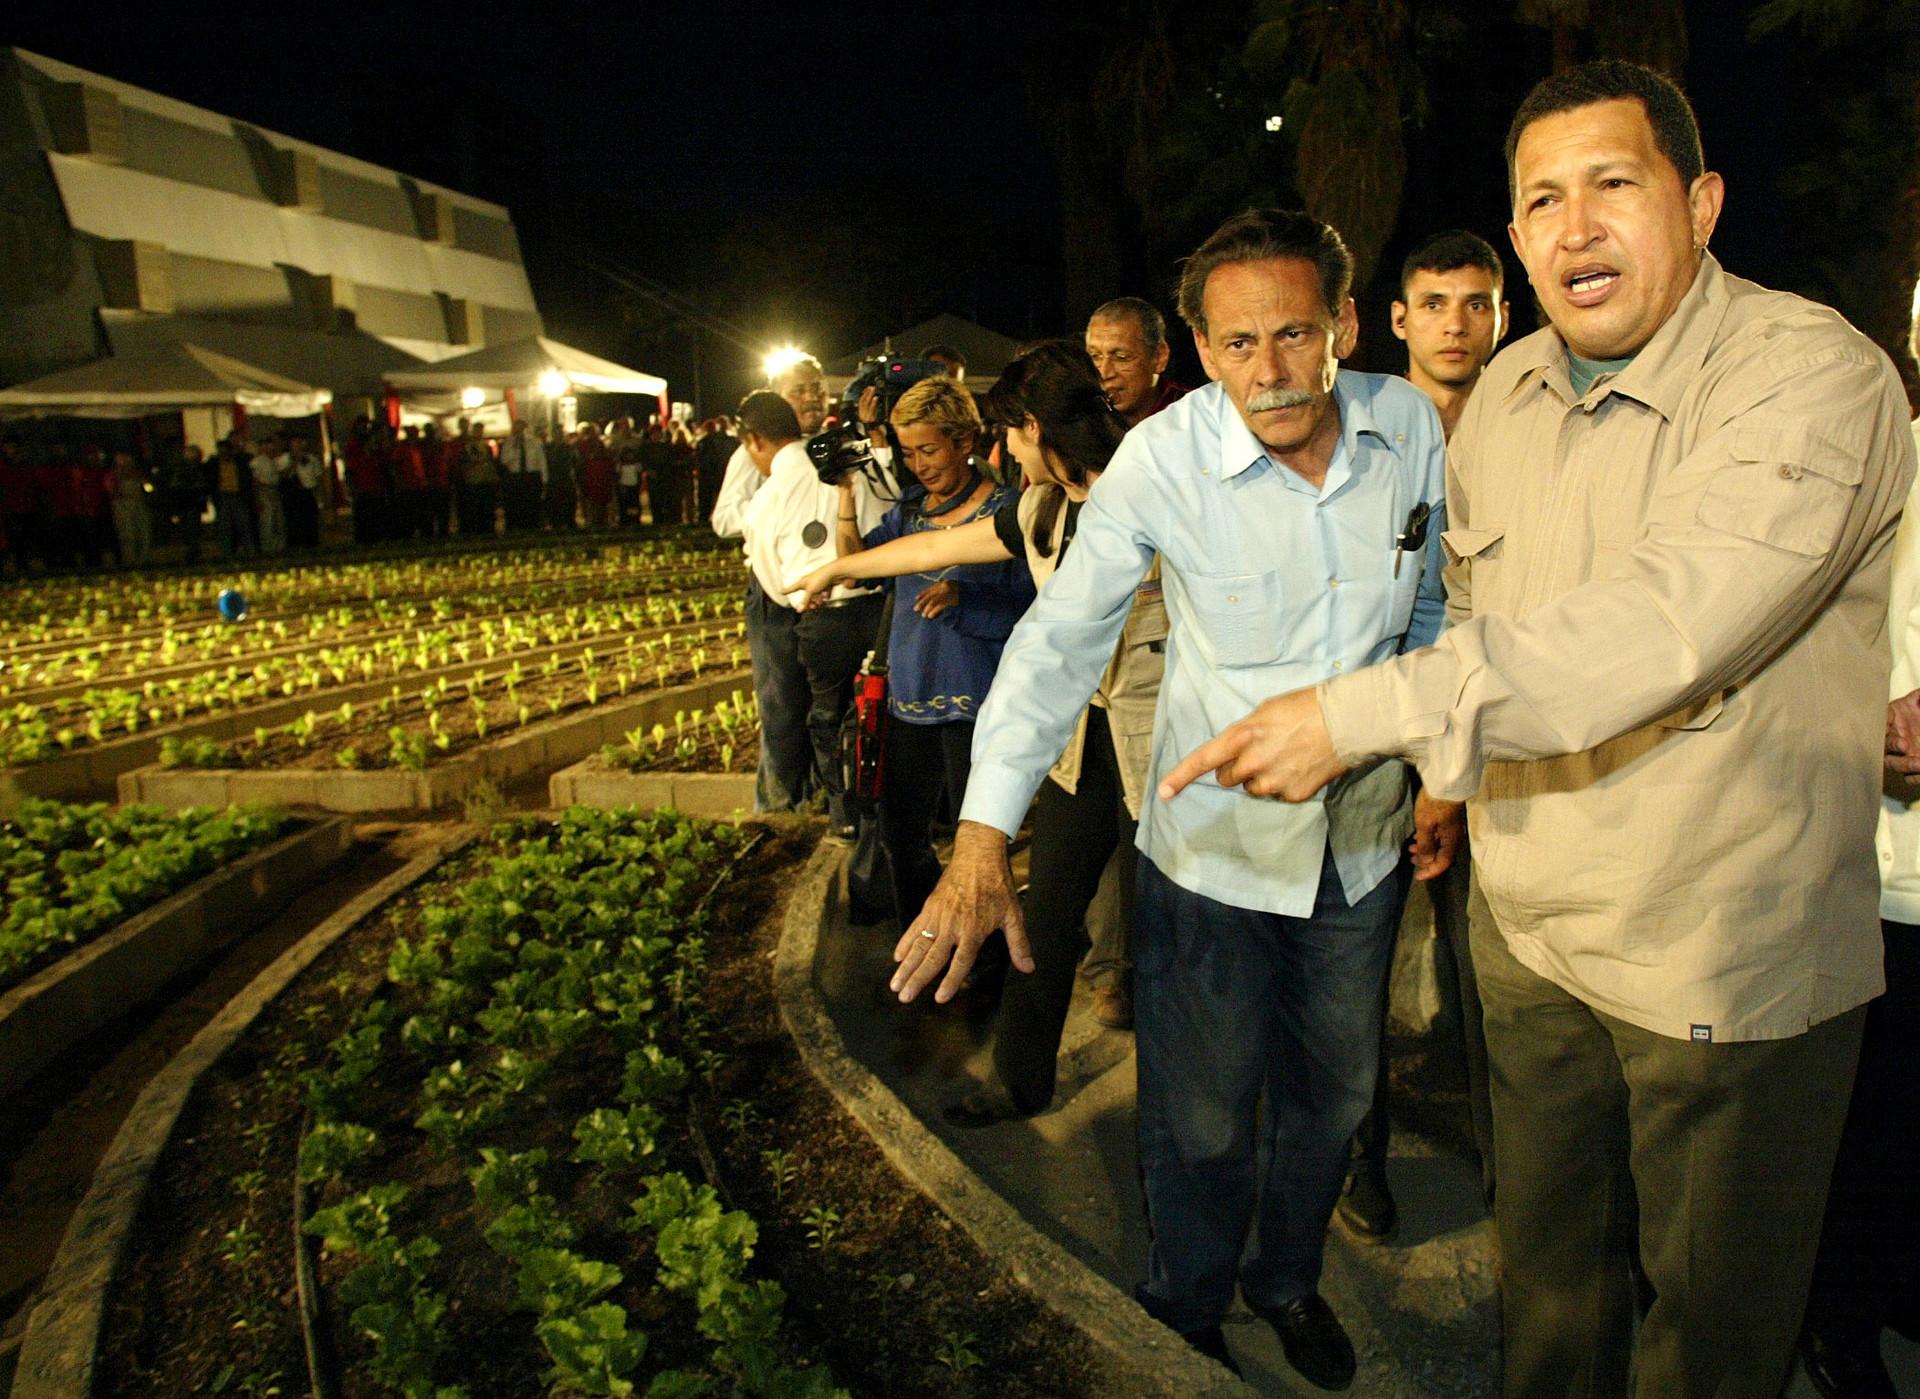 Hugo Chávez haciendo preguntas acerca de la tecnología hidropónica utilizada para cultivar productos en un campo que inaugurado en el centro de Caracas, el 31 de marzo de 2003